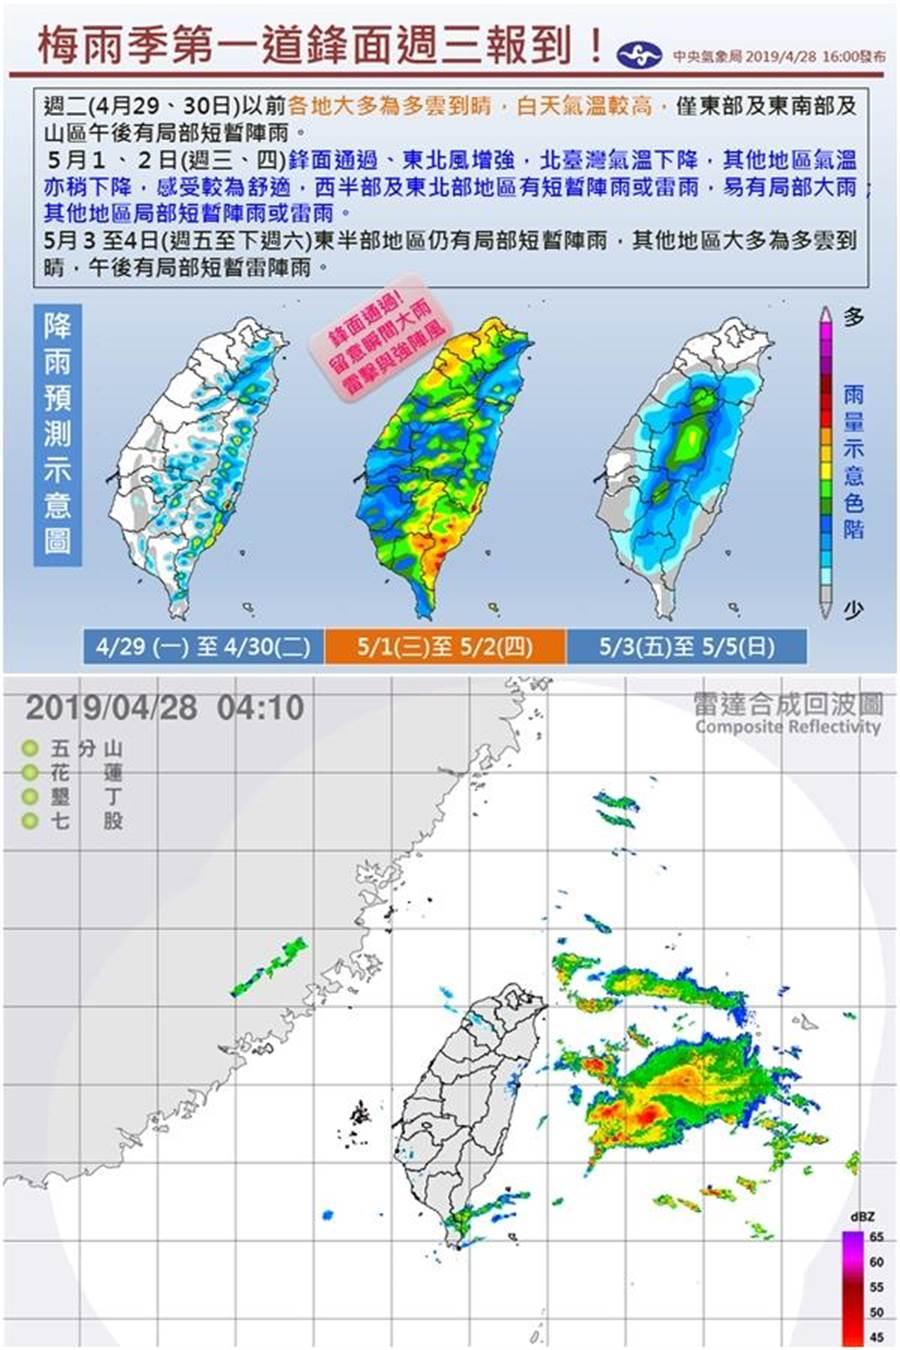 上圖:今年梅雨季的第一波梅雨鋒面在週三(5月1日)就會報到,氣象局用一張圖表示讓本週全台降雨分布。下圖:對流雲系發展旺盛,易有短時強降雨,28日東南部地區及恆春半島有局部大雨發生的機率。(圖/氣象局)